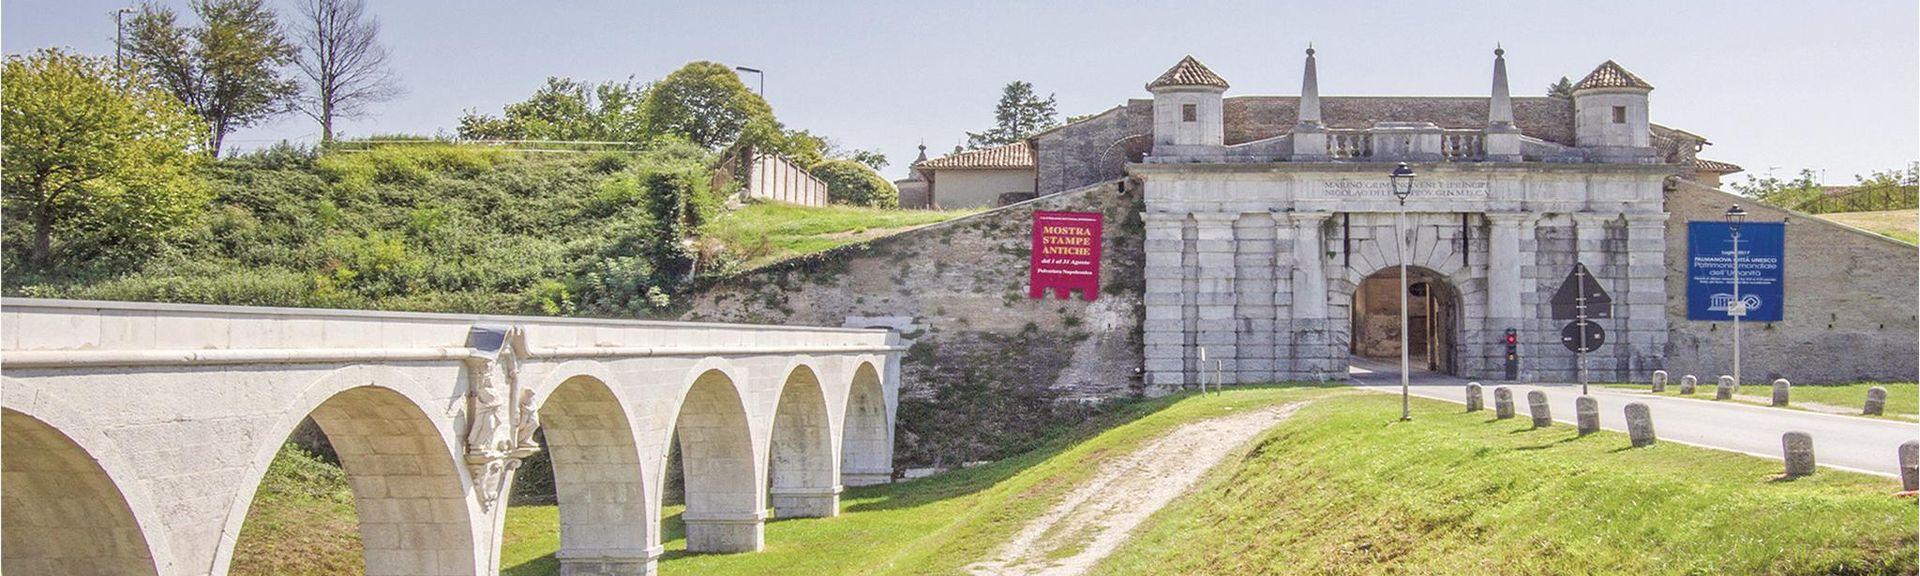 Rivignano Teor, Friuli-Venezia Giulia, Itália